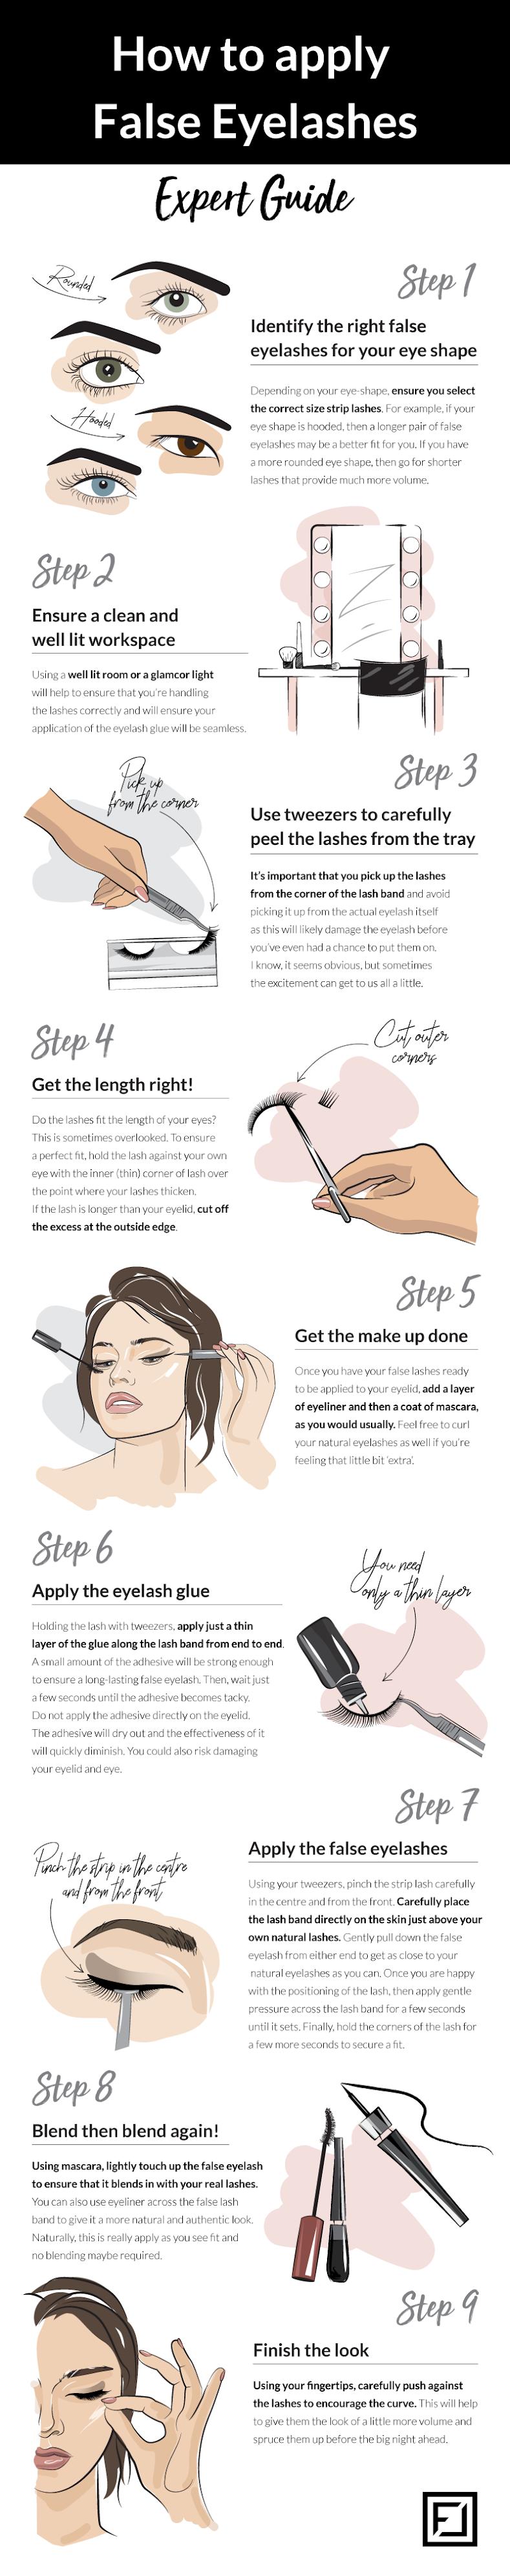 How To Apply False Eyelashes #infographic #Fashion #Eyelashes #infographics #False Eyelashes